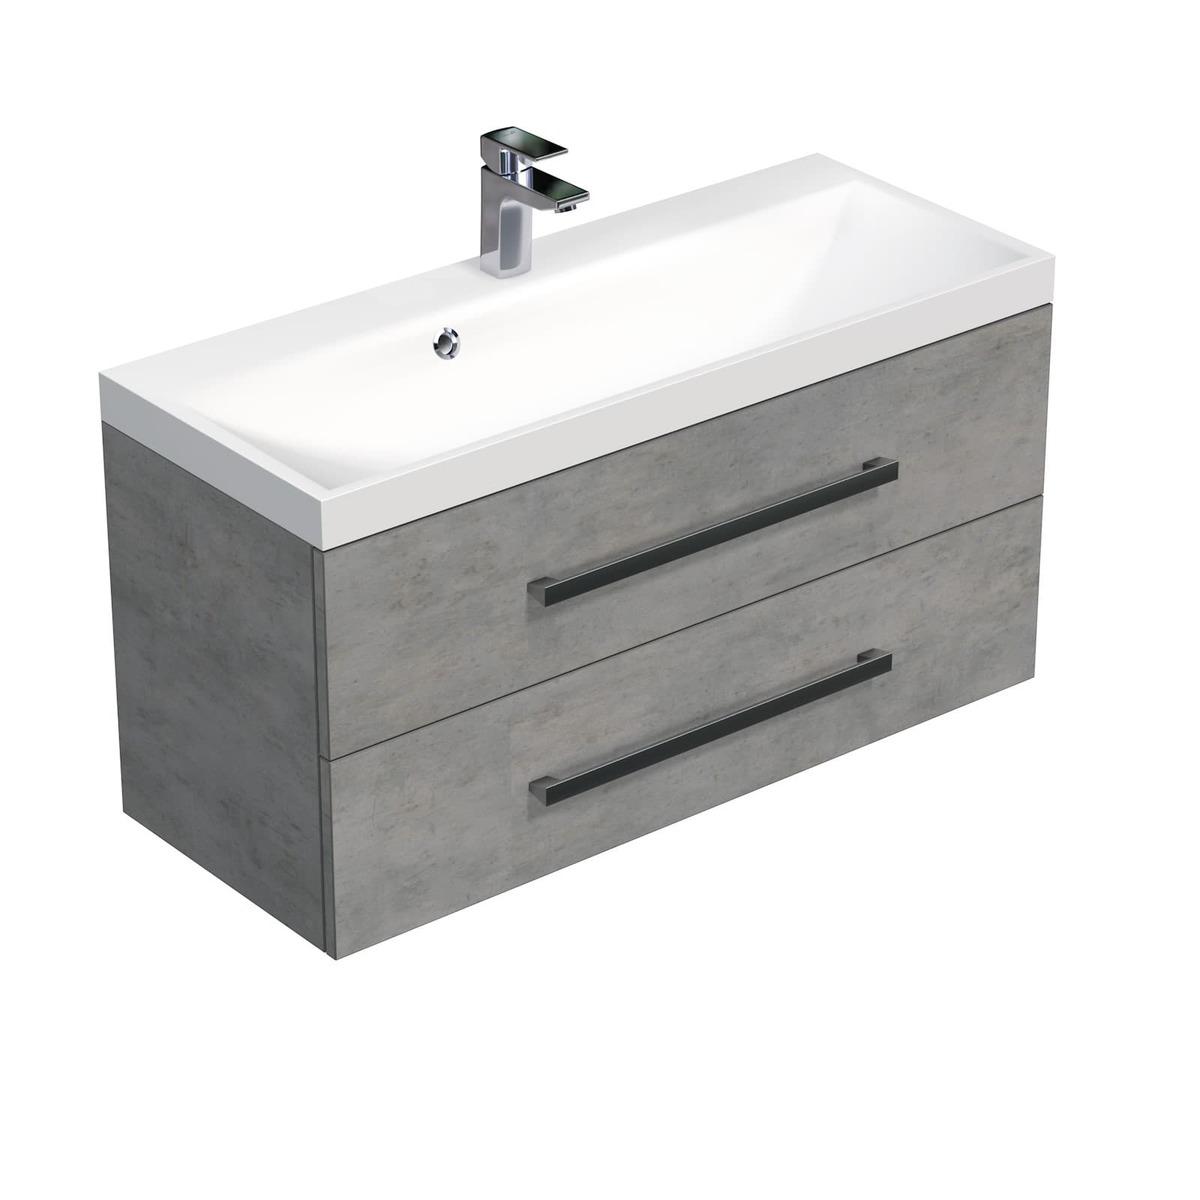 Koupelnová skříňka s umyvadlem Naturel Cube Way 100x53x40 cm beton CUBE2100ZBE